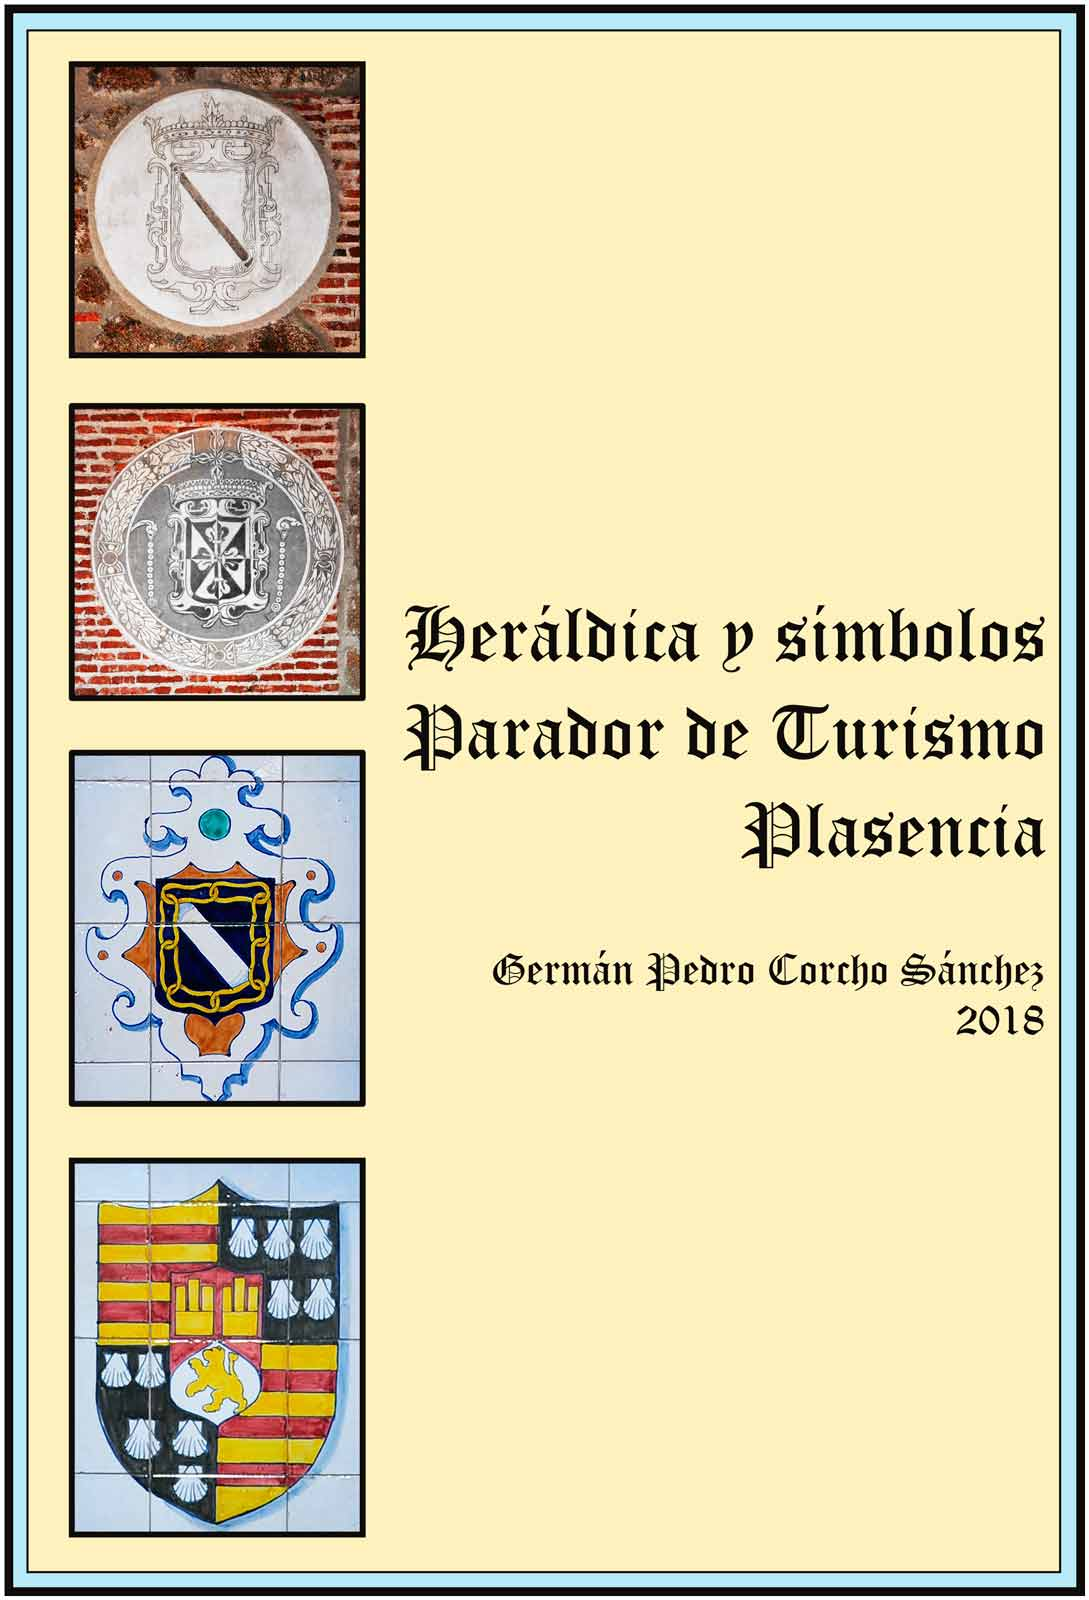 Heraldica en el Parador de Turismo. Plasencia German Corcho Sanchez